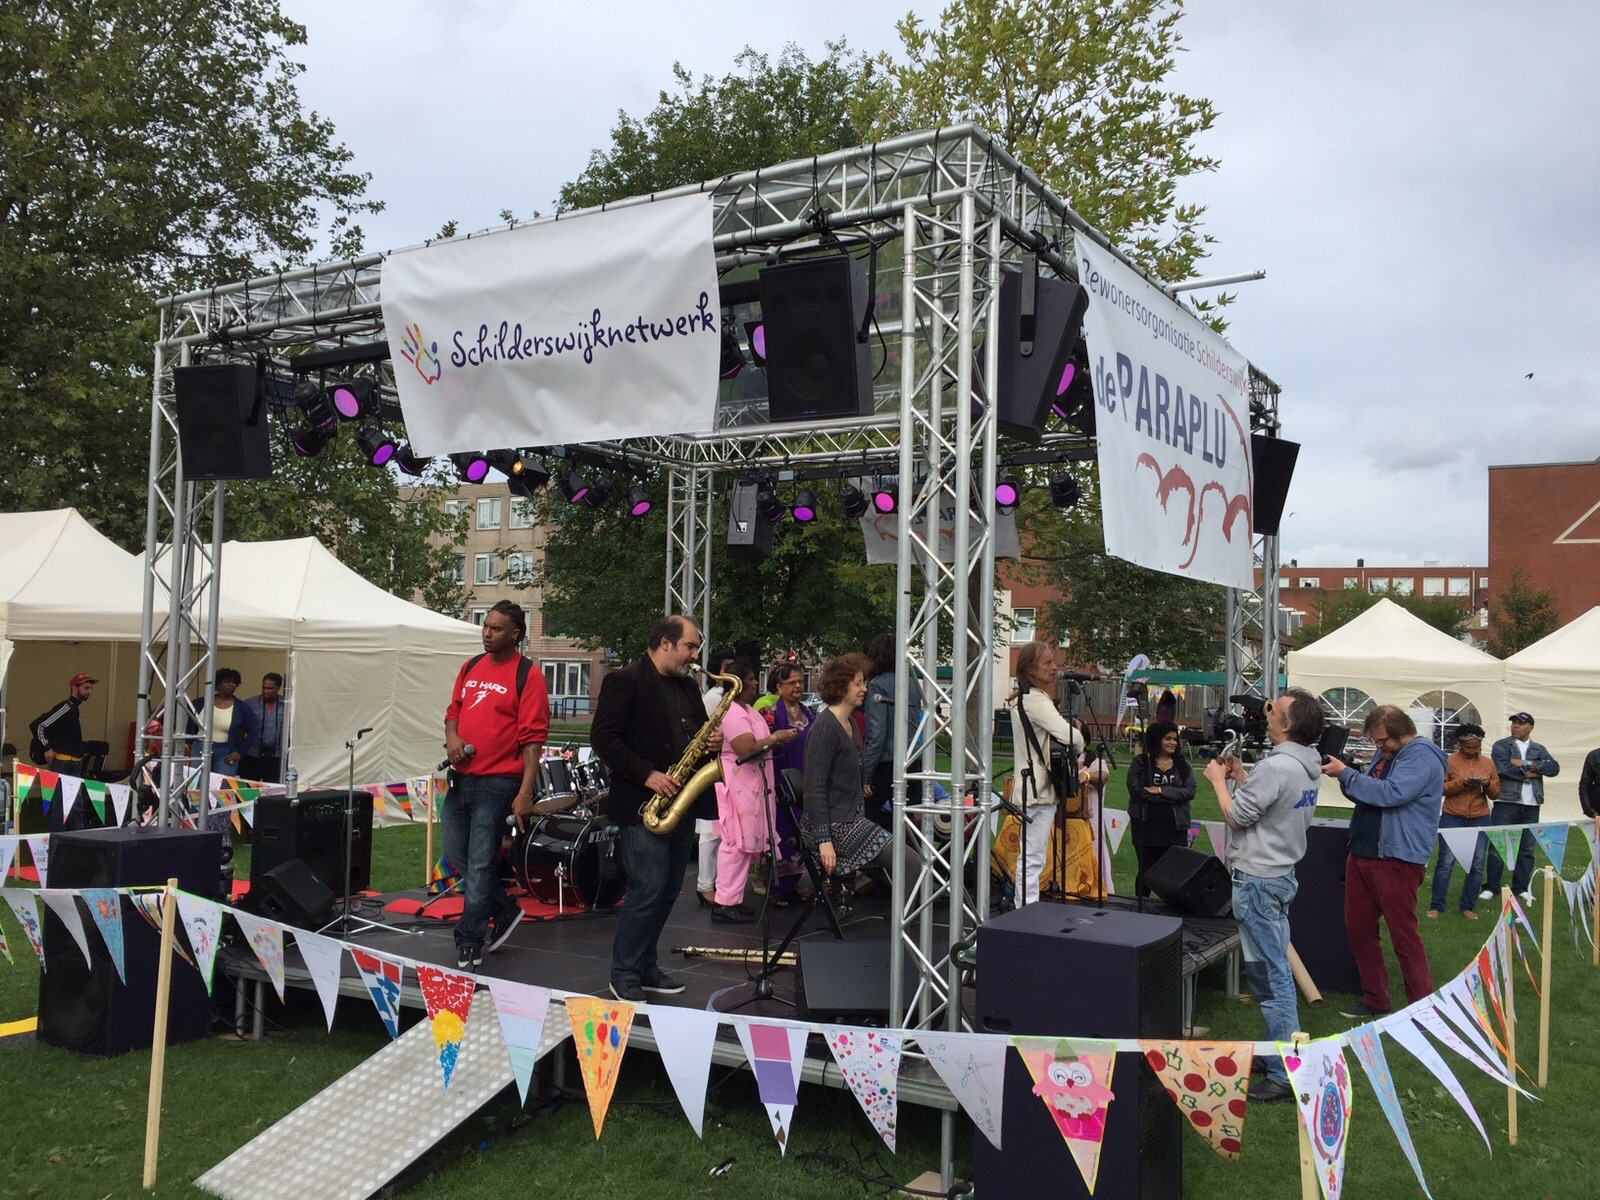 Schilderswijkfestival